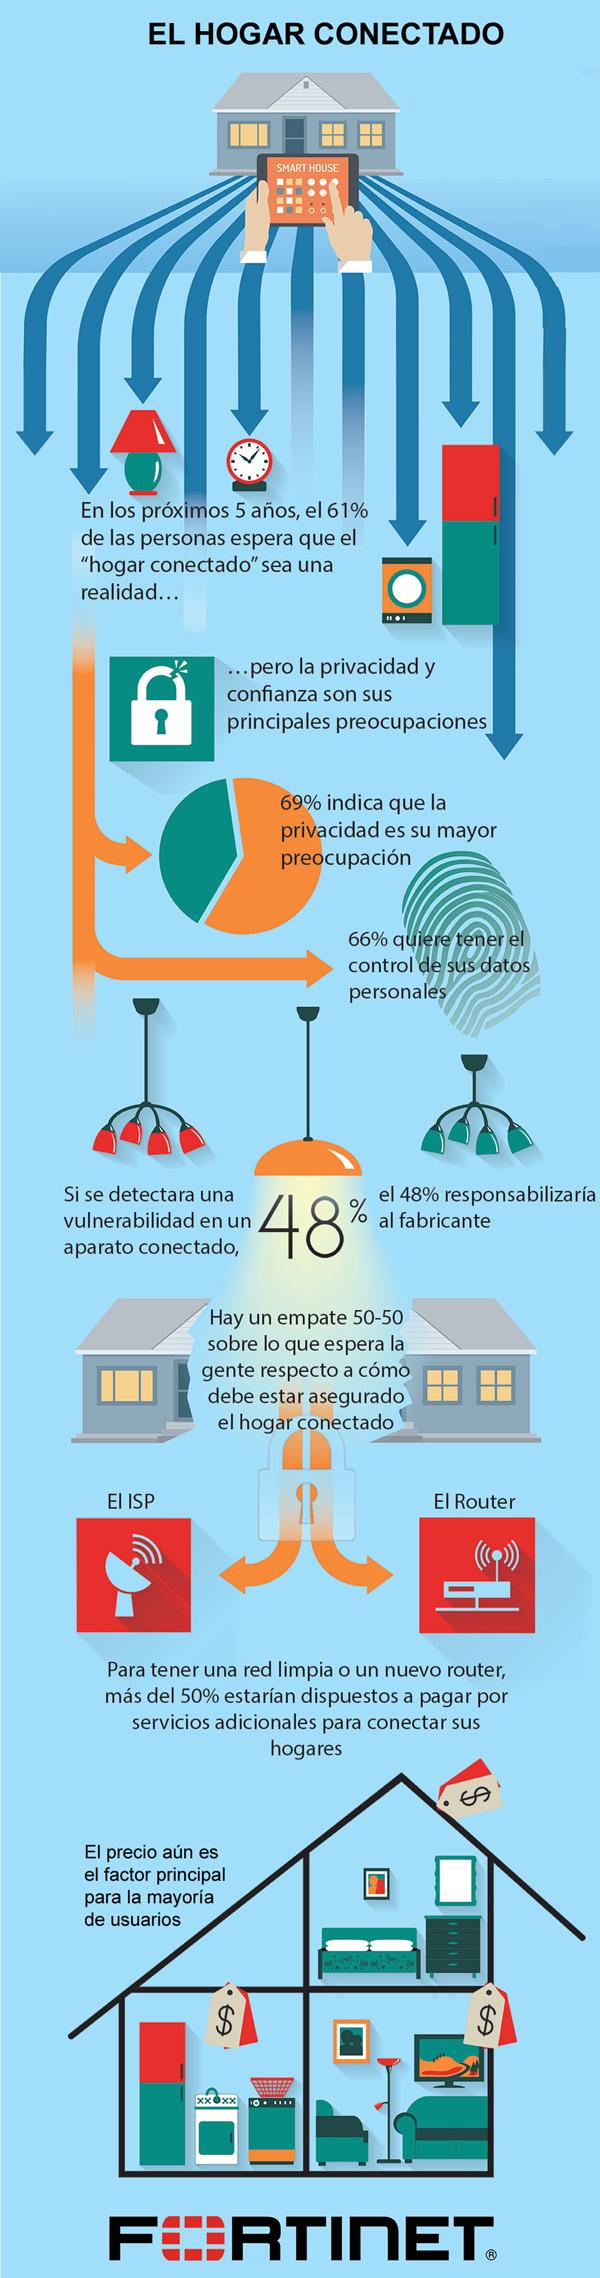 infografia-hogar-conectado